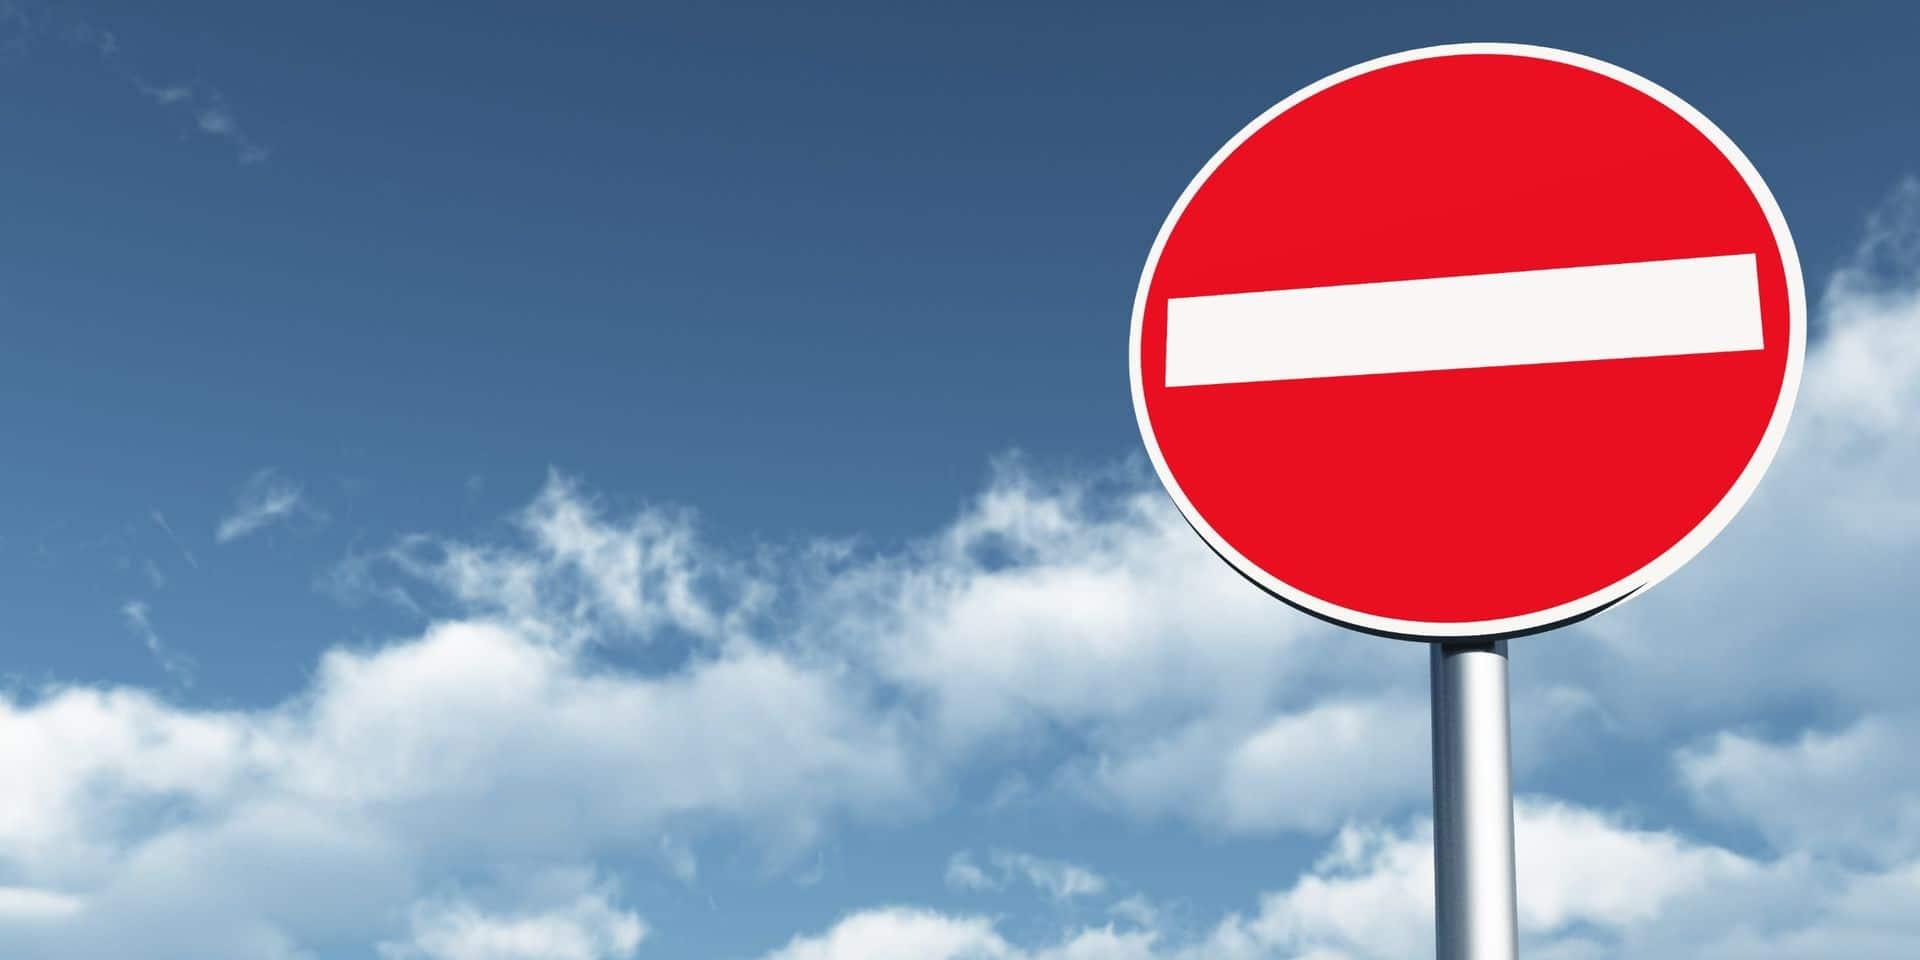 Surréalisme à Paris: un carrefour à 4 sens interdits enferme les automobilistes